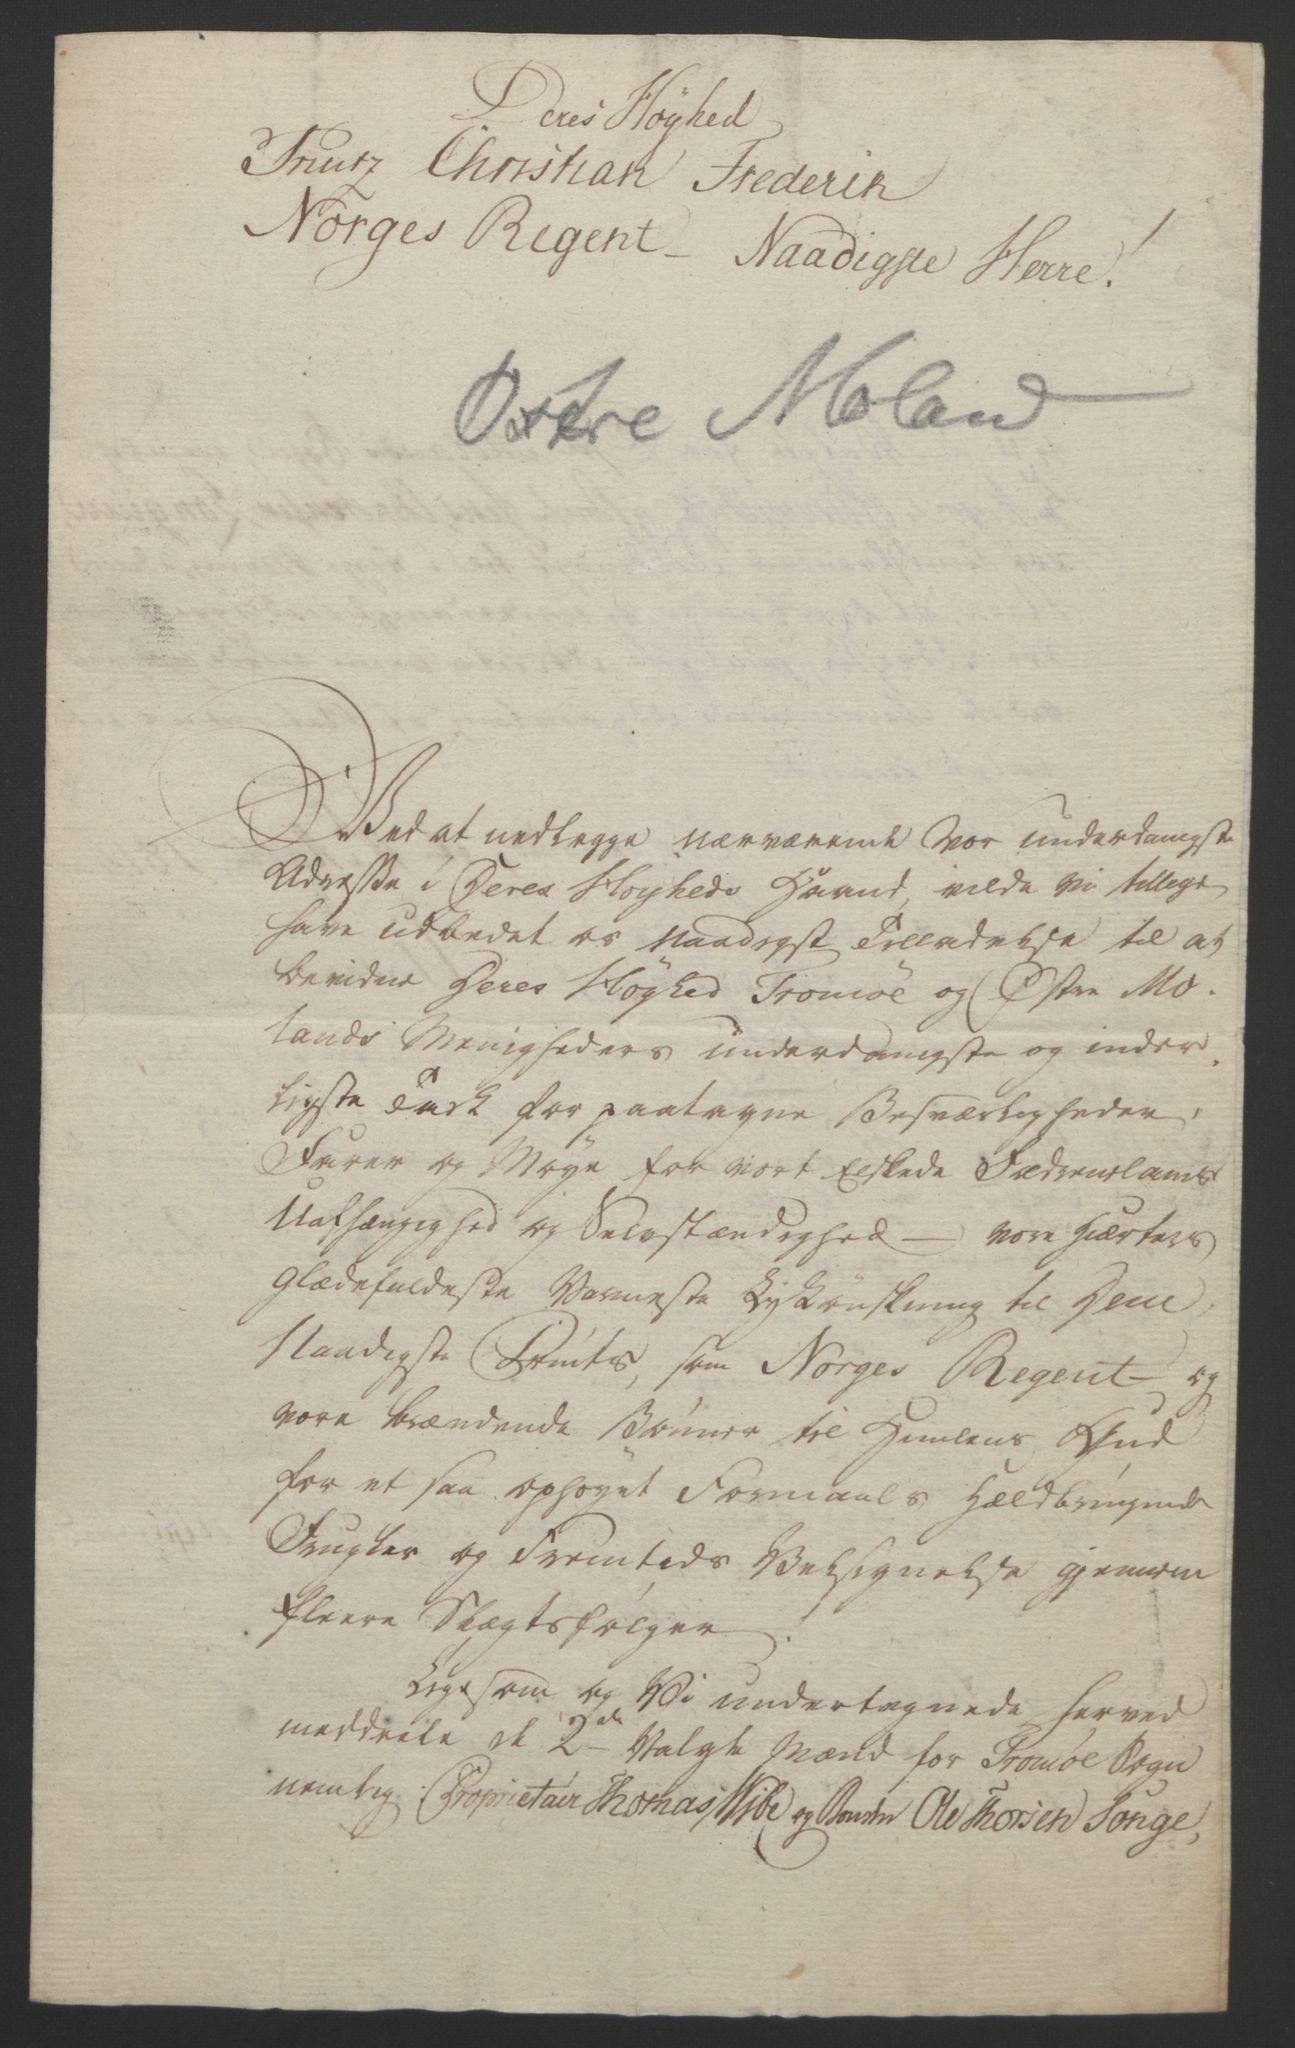 RA, Statsrådssekretariatet, D/Db/L0008: Fullmakter for Eidsvollsrepresentantene i 1814. , 1814, s. 94